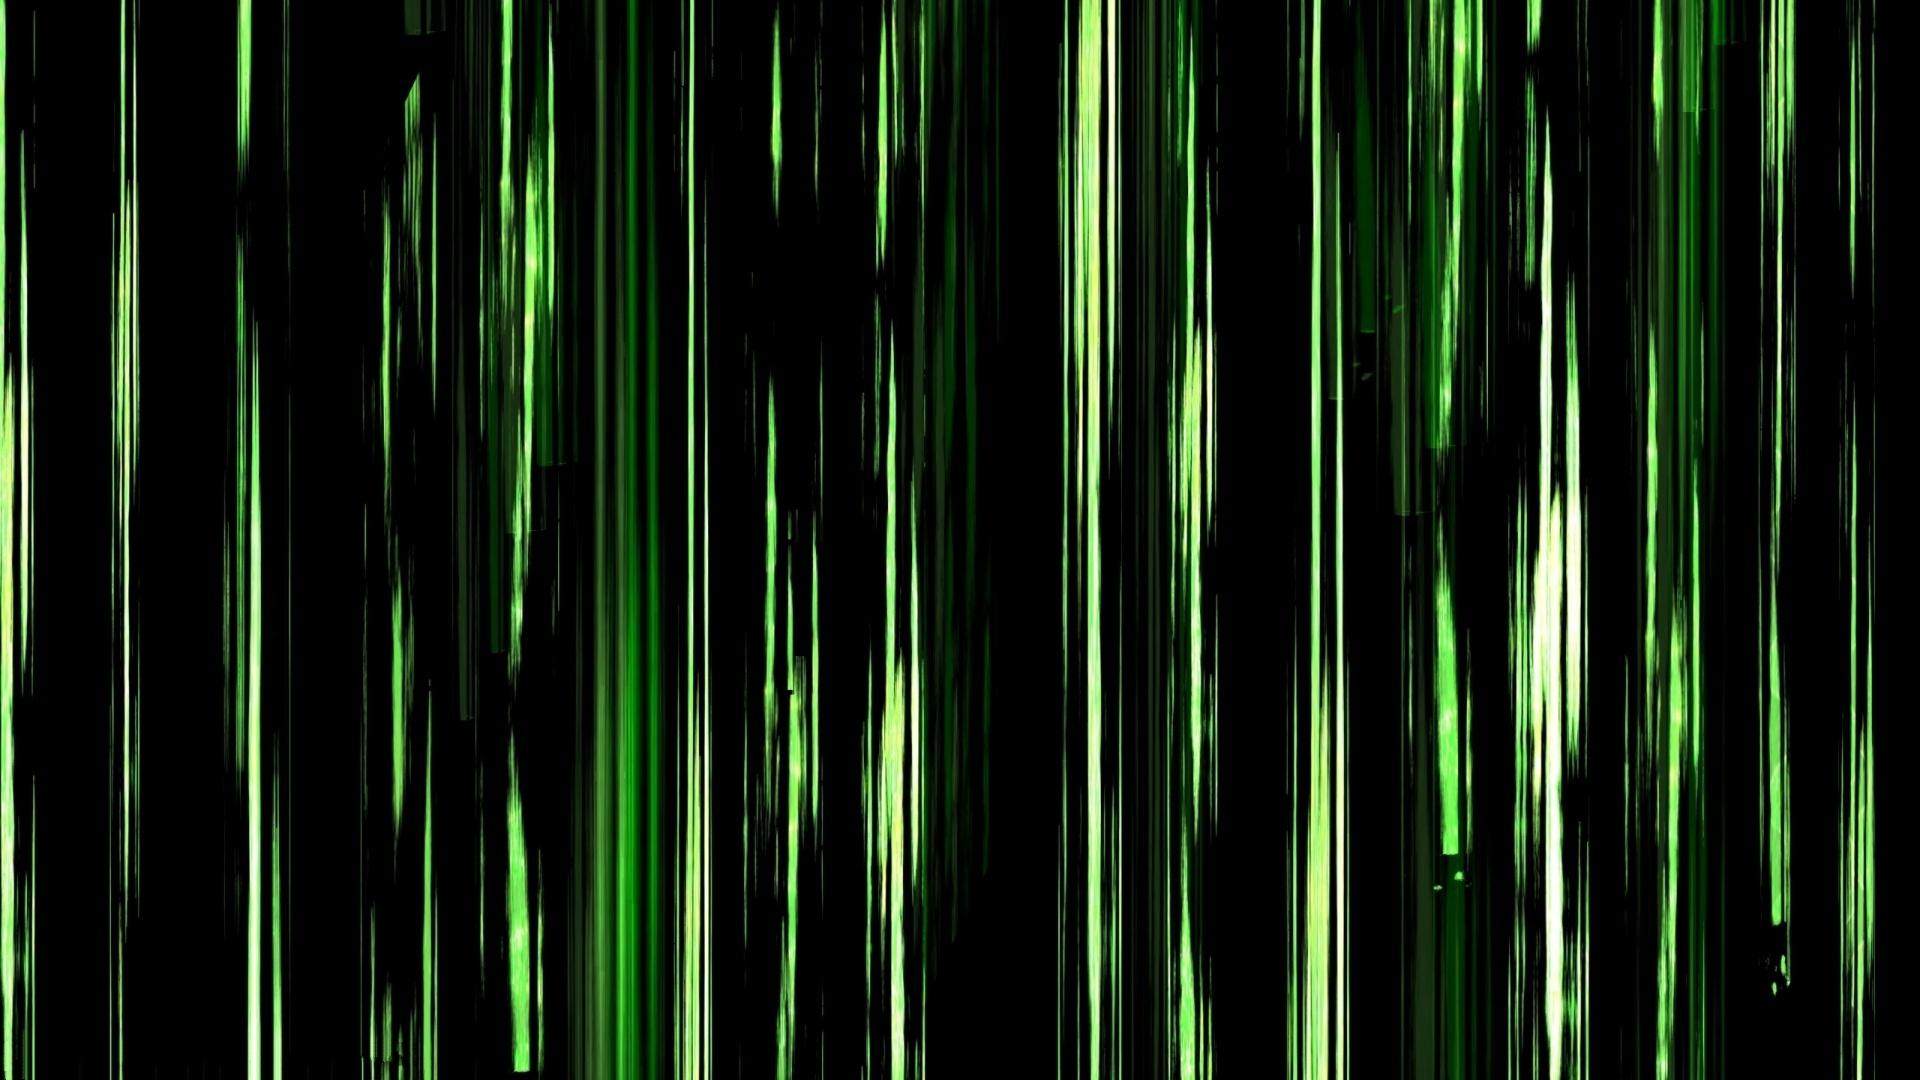 Anime Girl Wallpaper Reddit Lime Green Backgrounds Download Free Pixelstalk Net